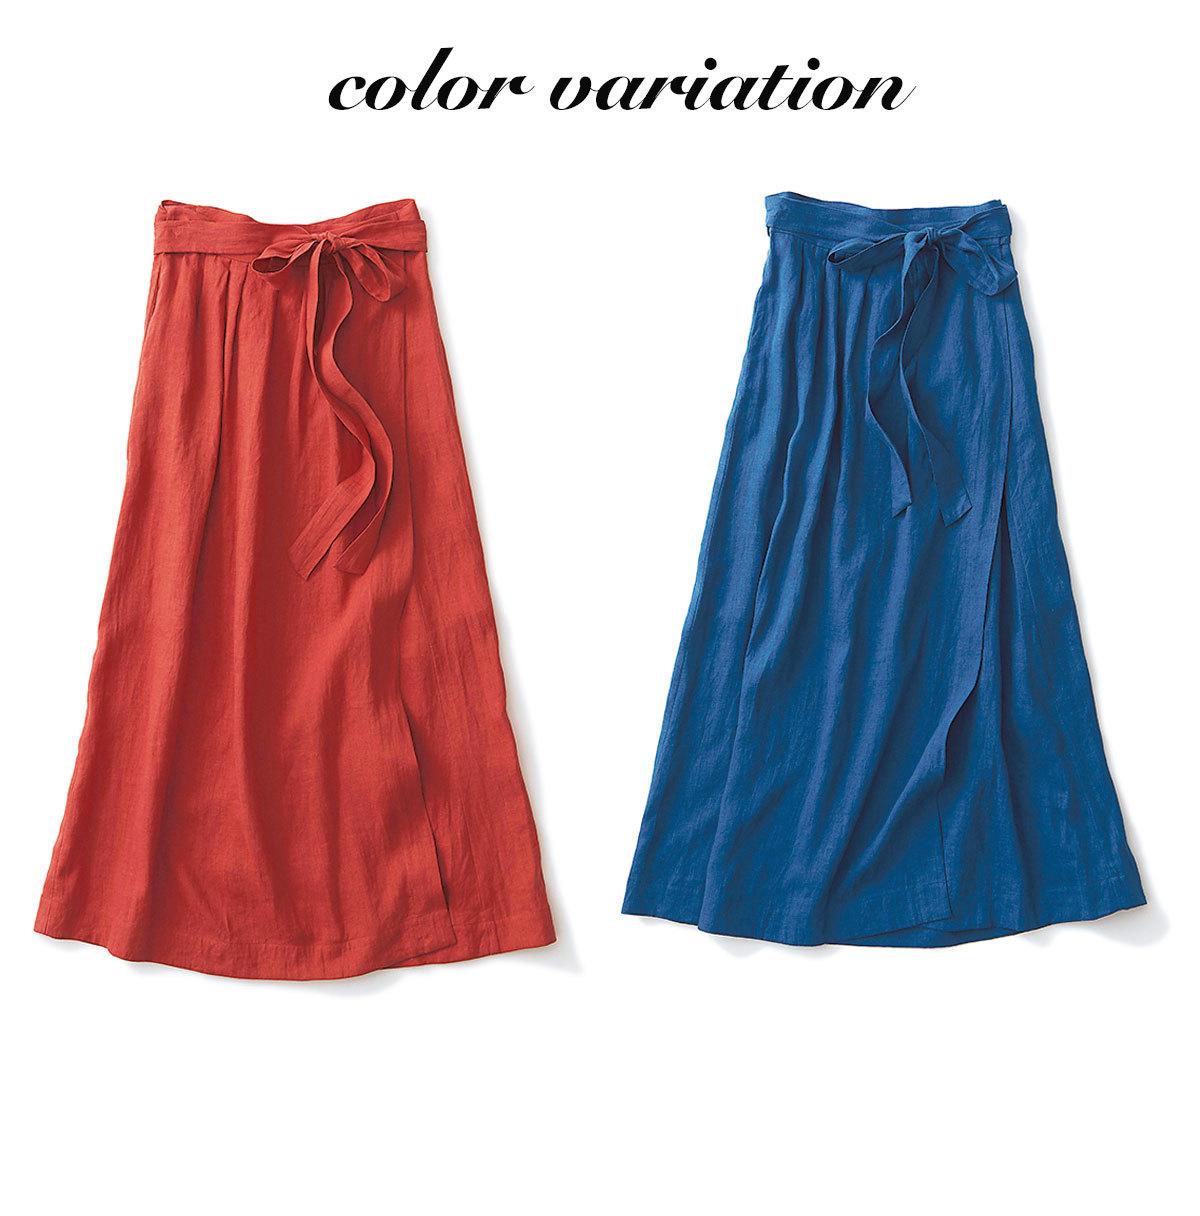 「 rei.」×ブレンダ話題のコラボアイテムから「シャツドレス」「リネンラップスカート」に注目!_1_1-5